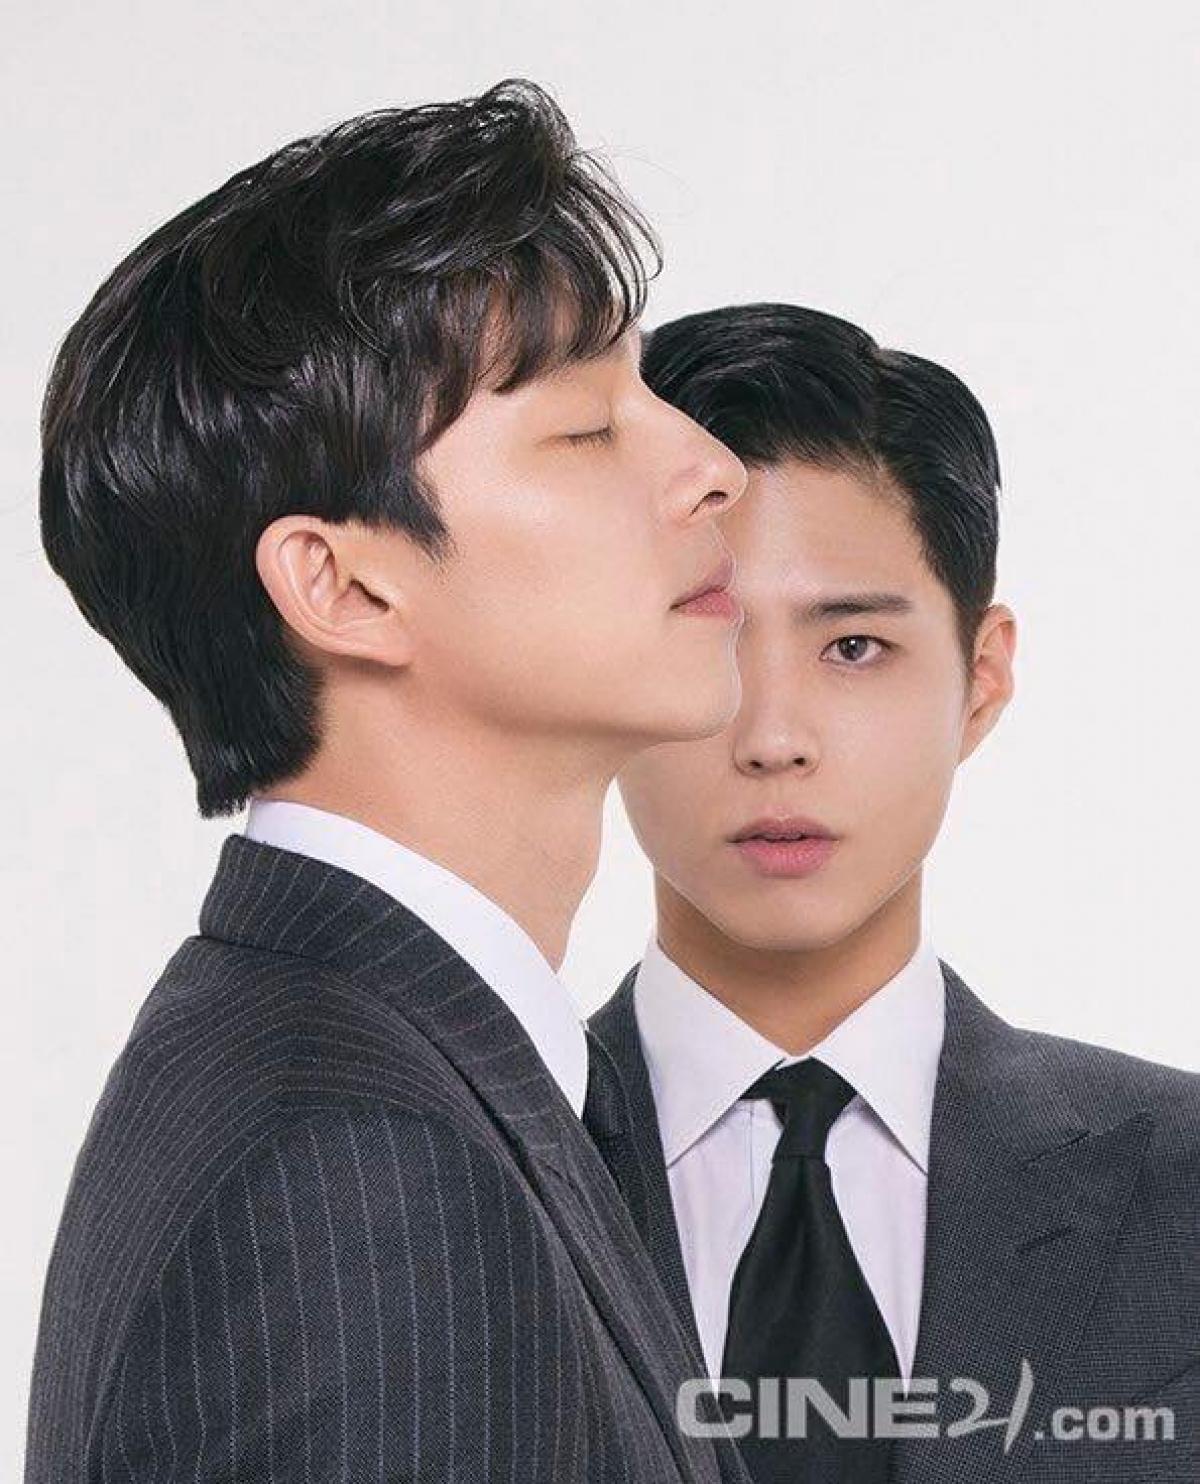 """Cả hai góp mặt trong bộ phim điện ảnhthể loại khoa học viễn tưởng""""Seo Bok"""" (tựa Việt: Người nhân bản) sẽ chính thức ra mắt khán giả vào tháng 12 tới."""